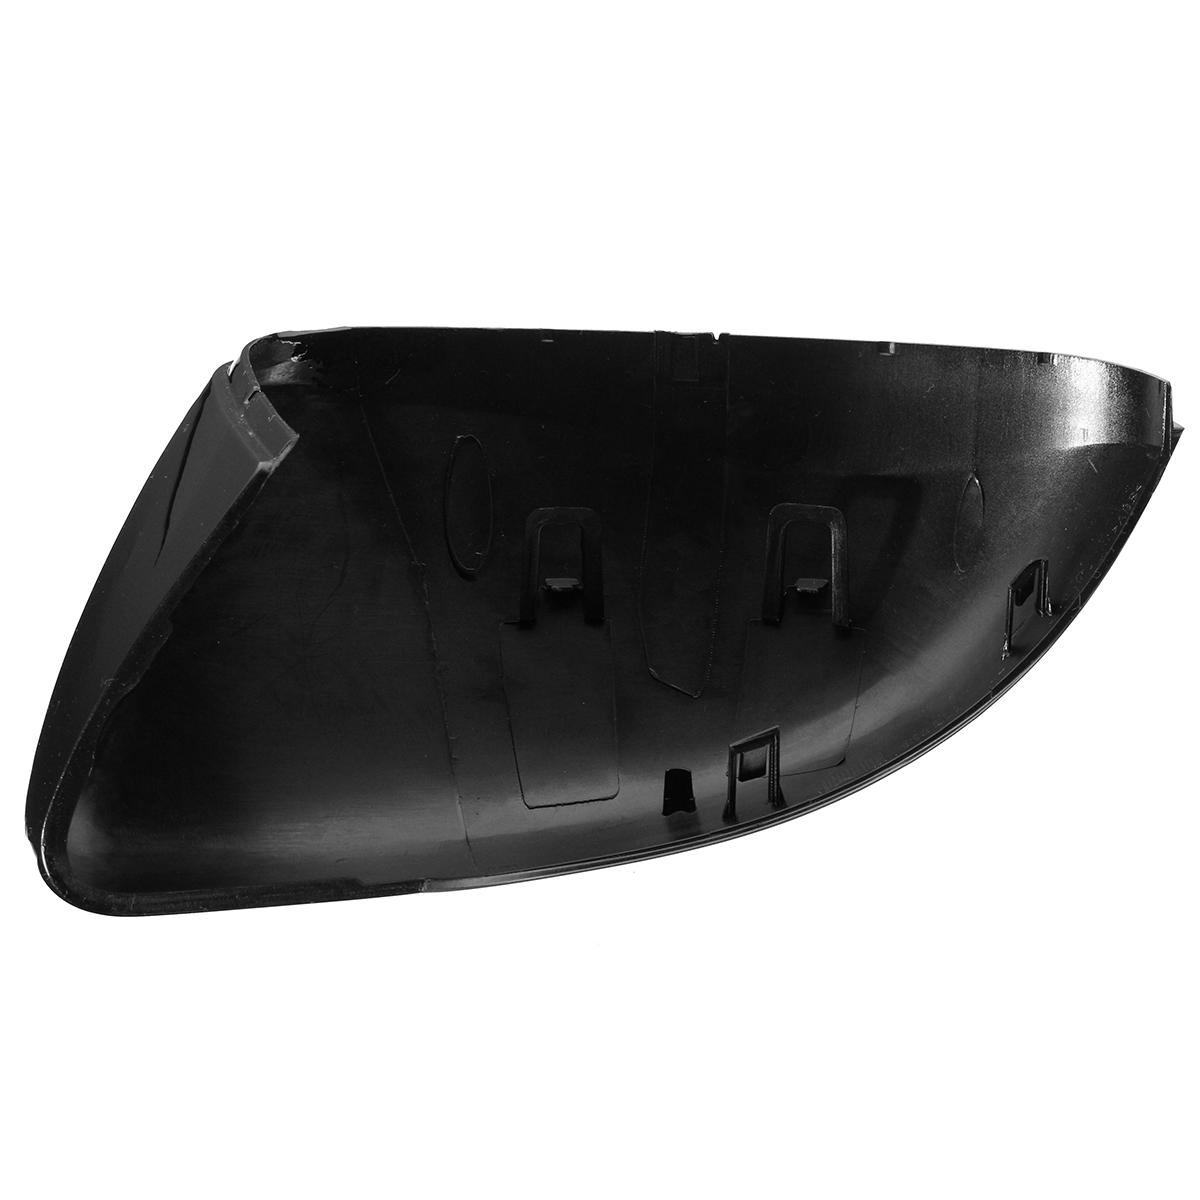 Парное крыло заднего вида Авто Крышка зеркала с накладкой для гольфа GTI MK6 Touran - фото 4